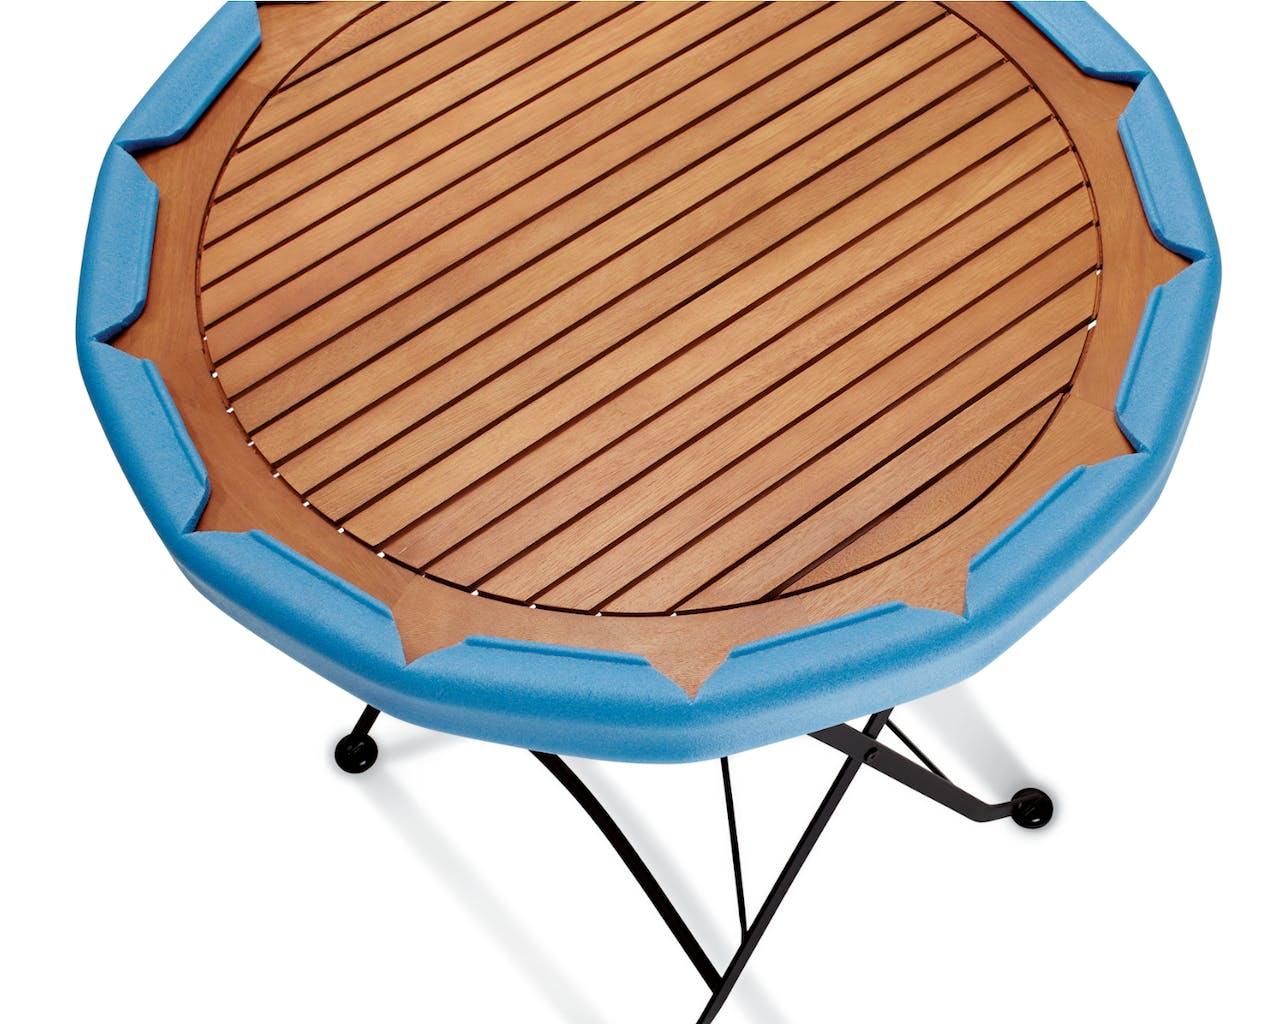 Kantenschutzporfil U-Profil Multishape Tisch